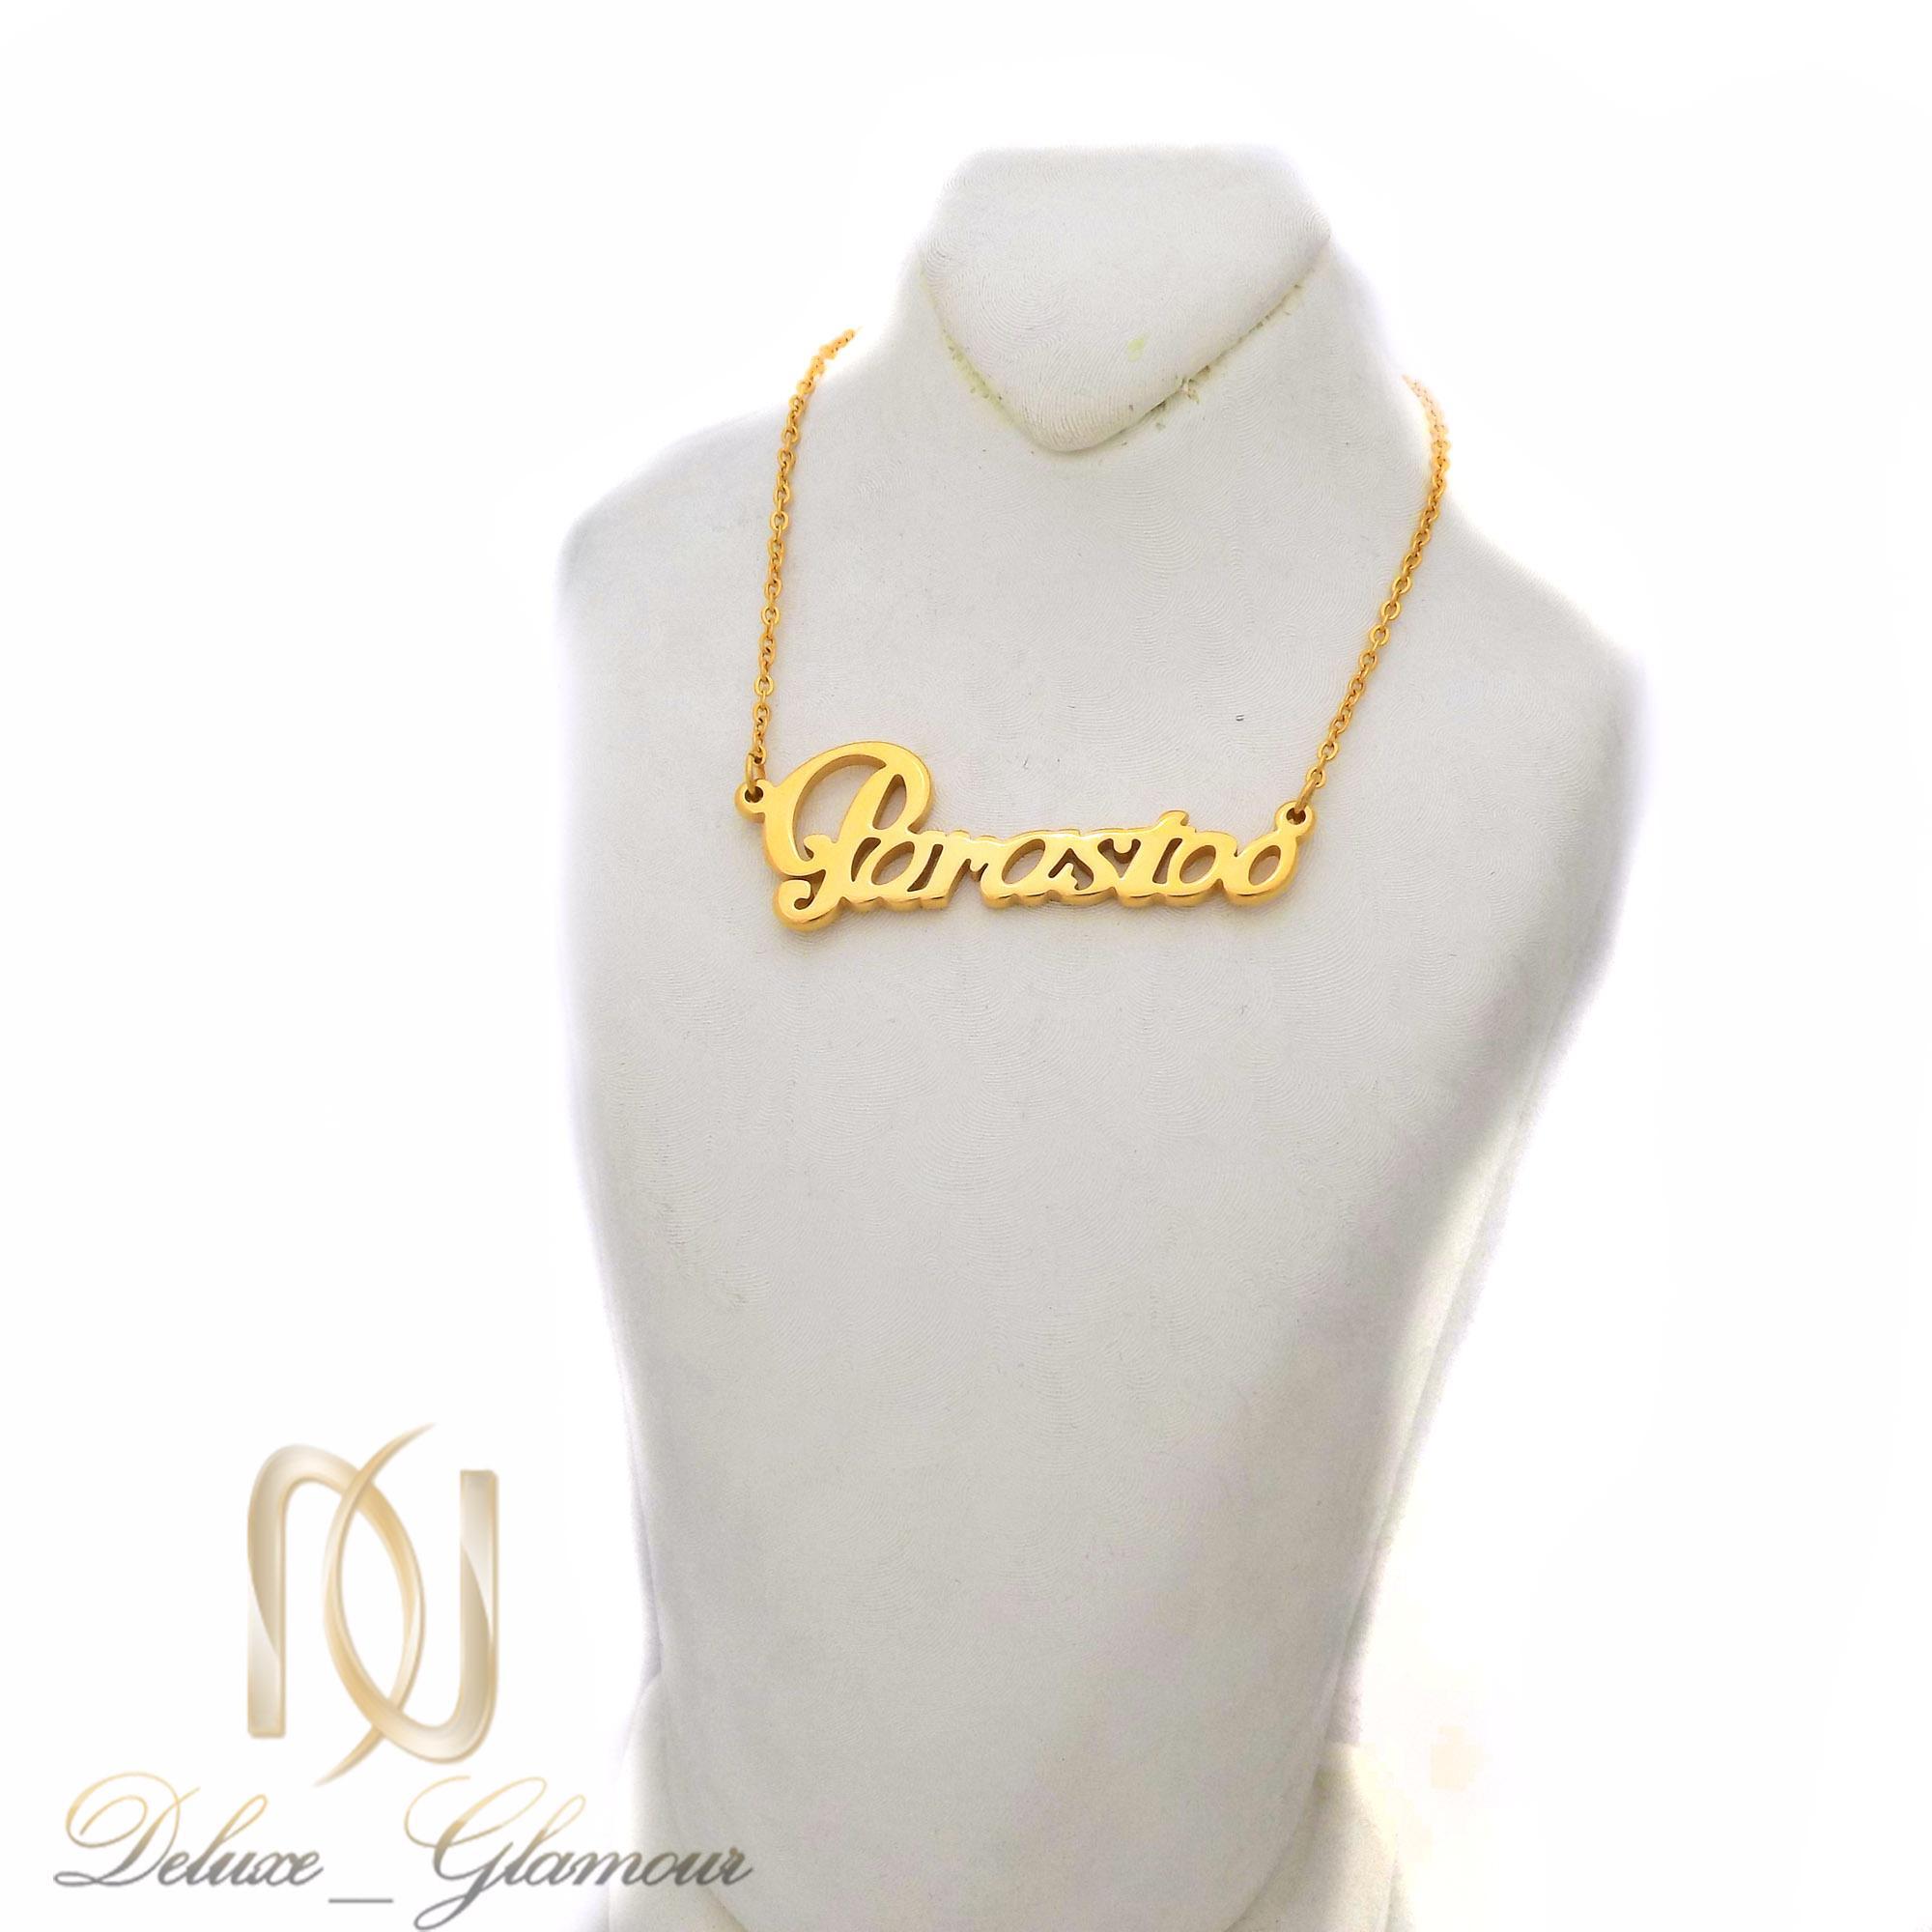 گردنبند اسم پرستو لاتین طلایی استیل nw-n483 از نمای روبرو